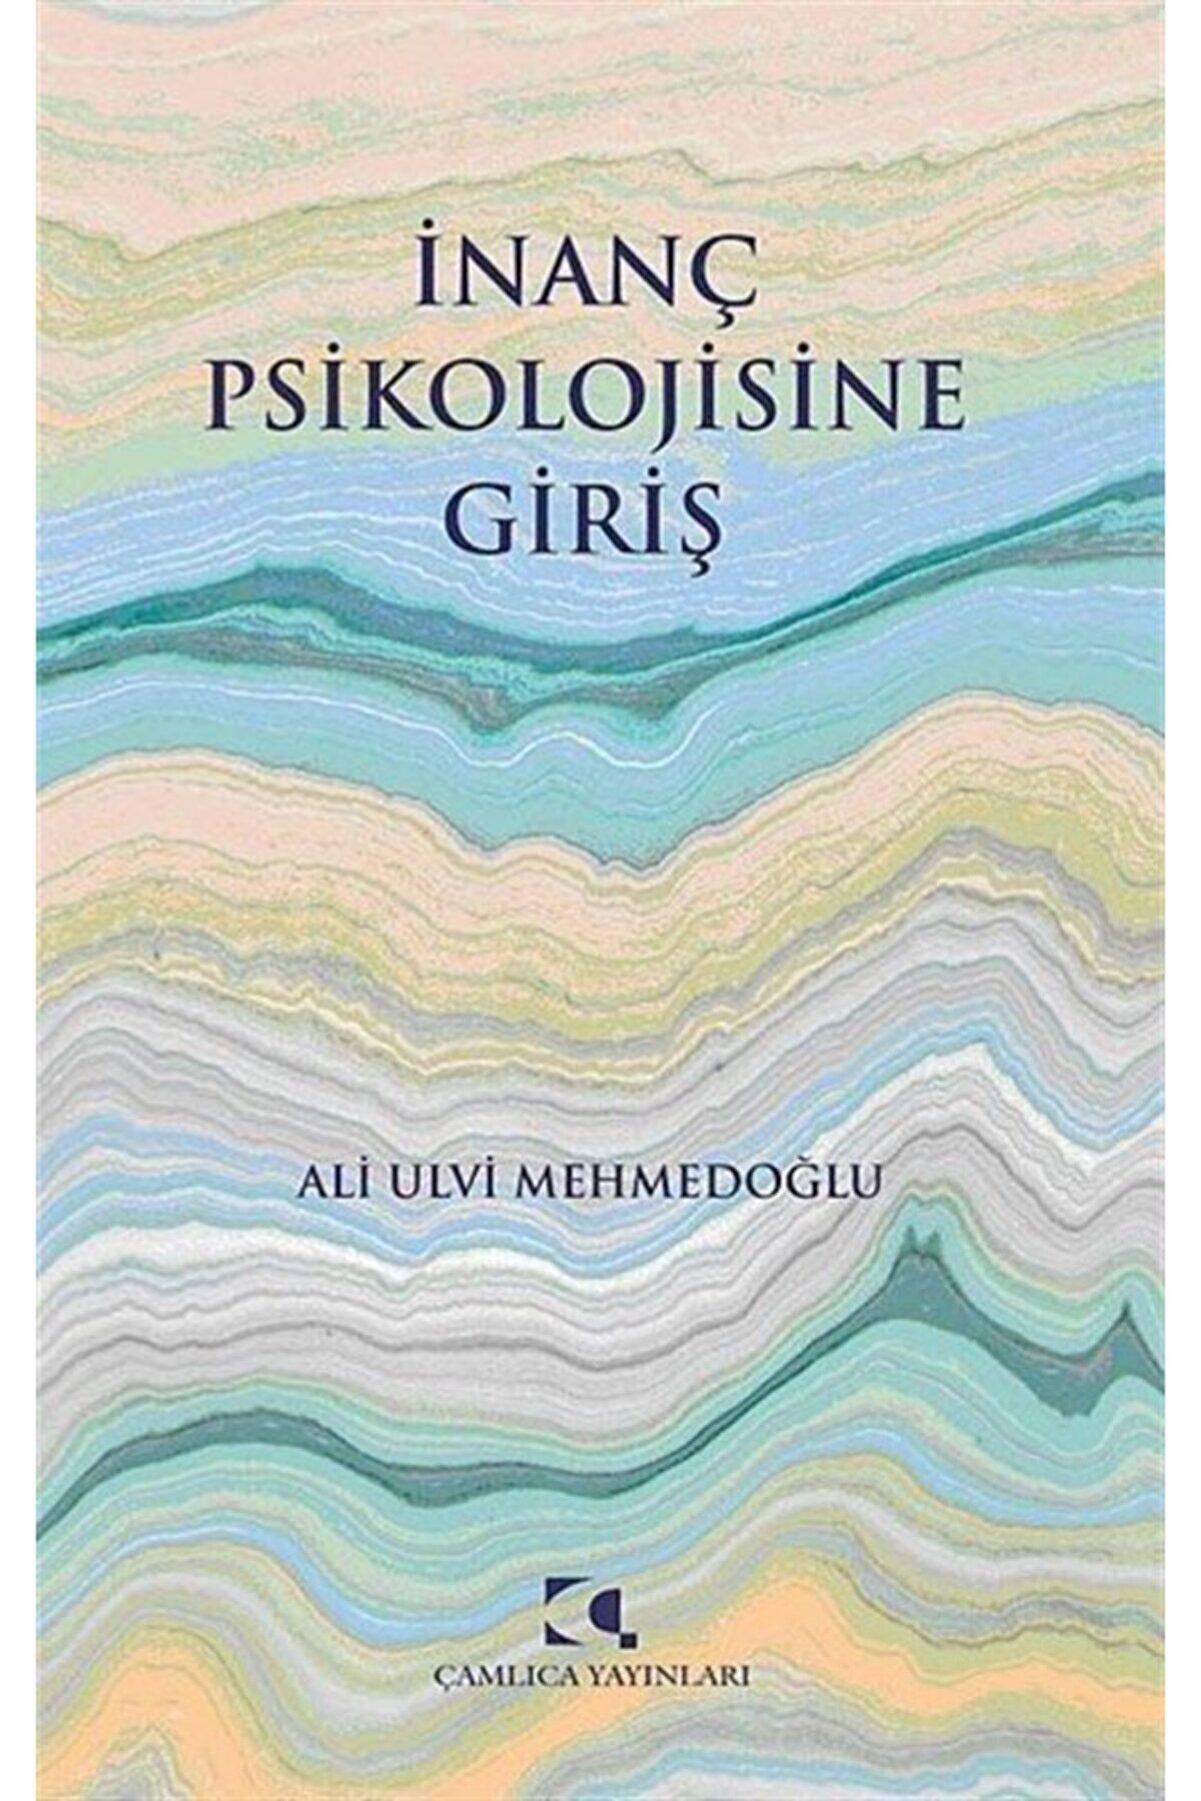 Çamlıca Yayınları İnanç Psikolojisine Giriş - Ali Ulvi Mehmedoğlu 9789758646548